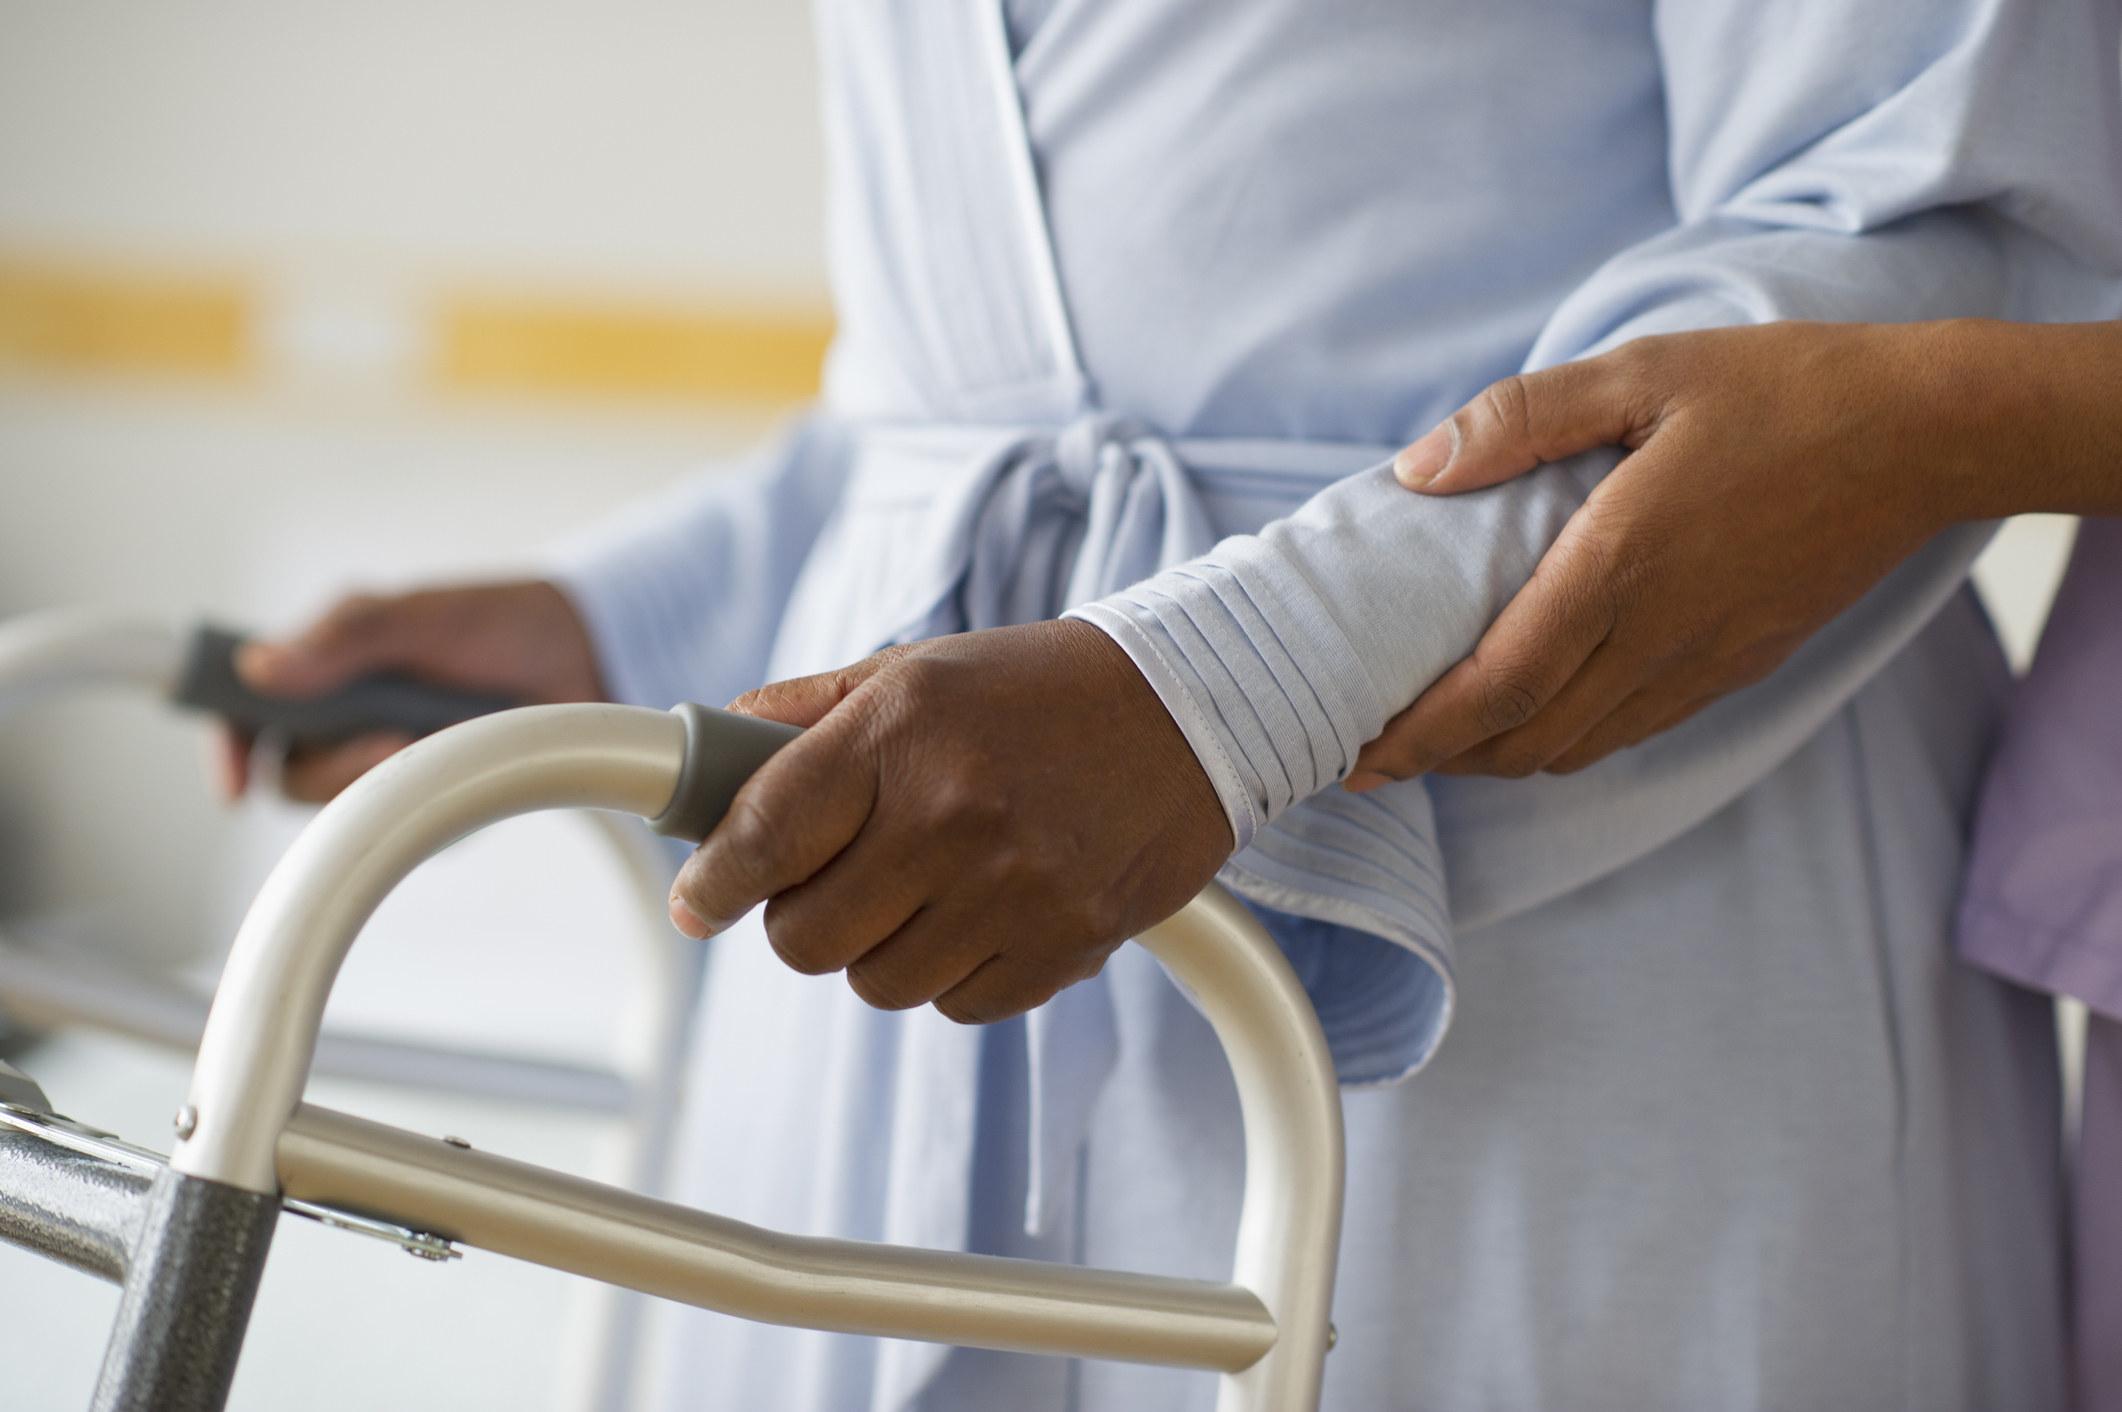 An elderly person in a walker